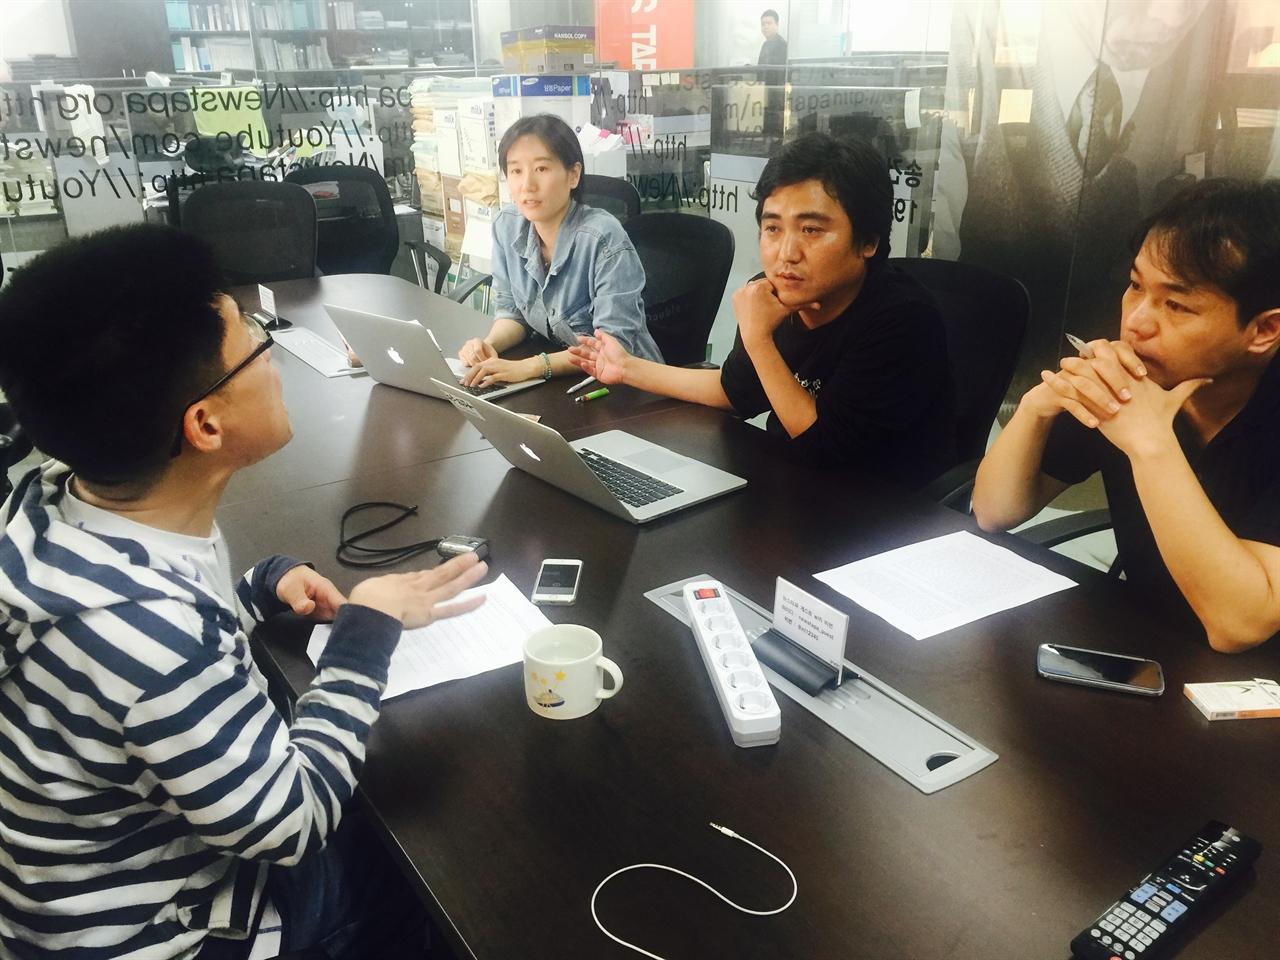 <참혹한 세월, 국가의 거짓말>의 <뉴스타파> 제작진(왼쪽부터 박경현 PD, 송원근 PD, 김성수 기자).